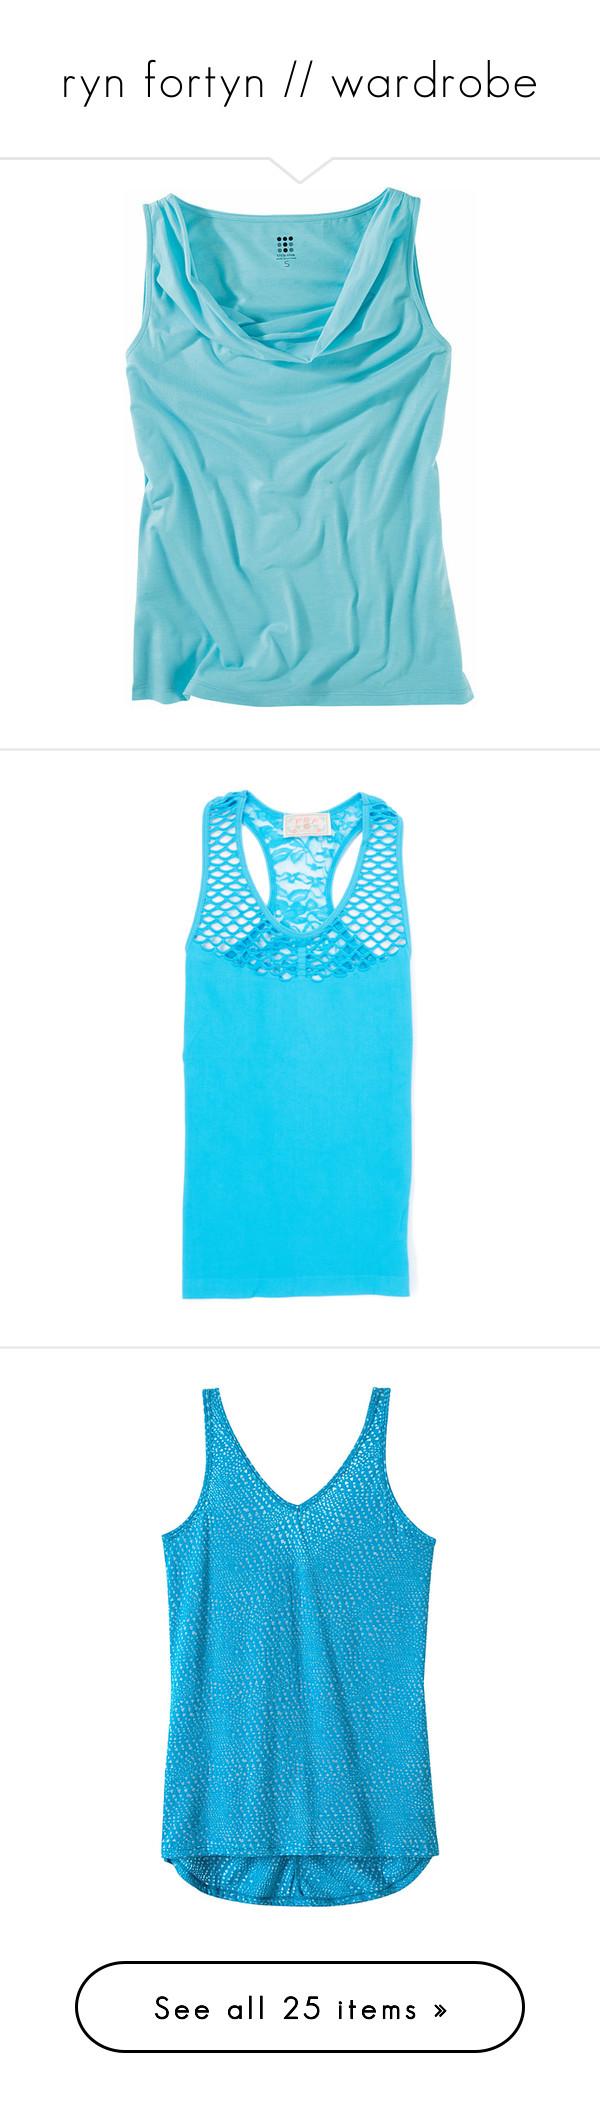 Lace bra under dress september 2019 ryn fortyn  wardrobe